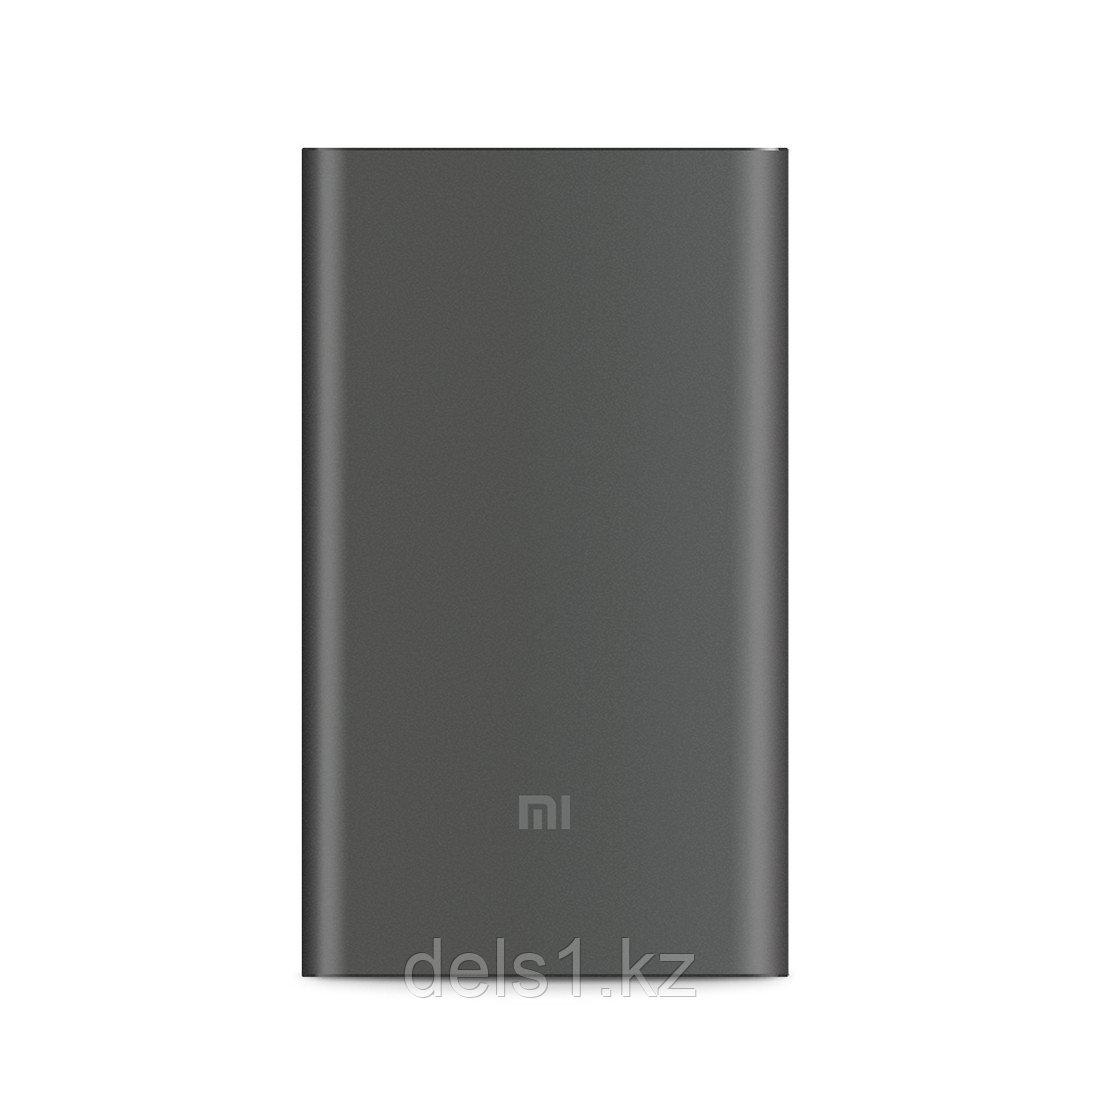 Портативное зарядное устройство Xiaomi Mi Power Bank 10000mAh (Pro 2019) Серый